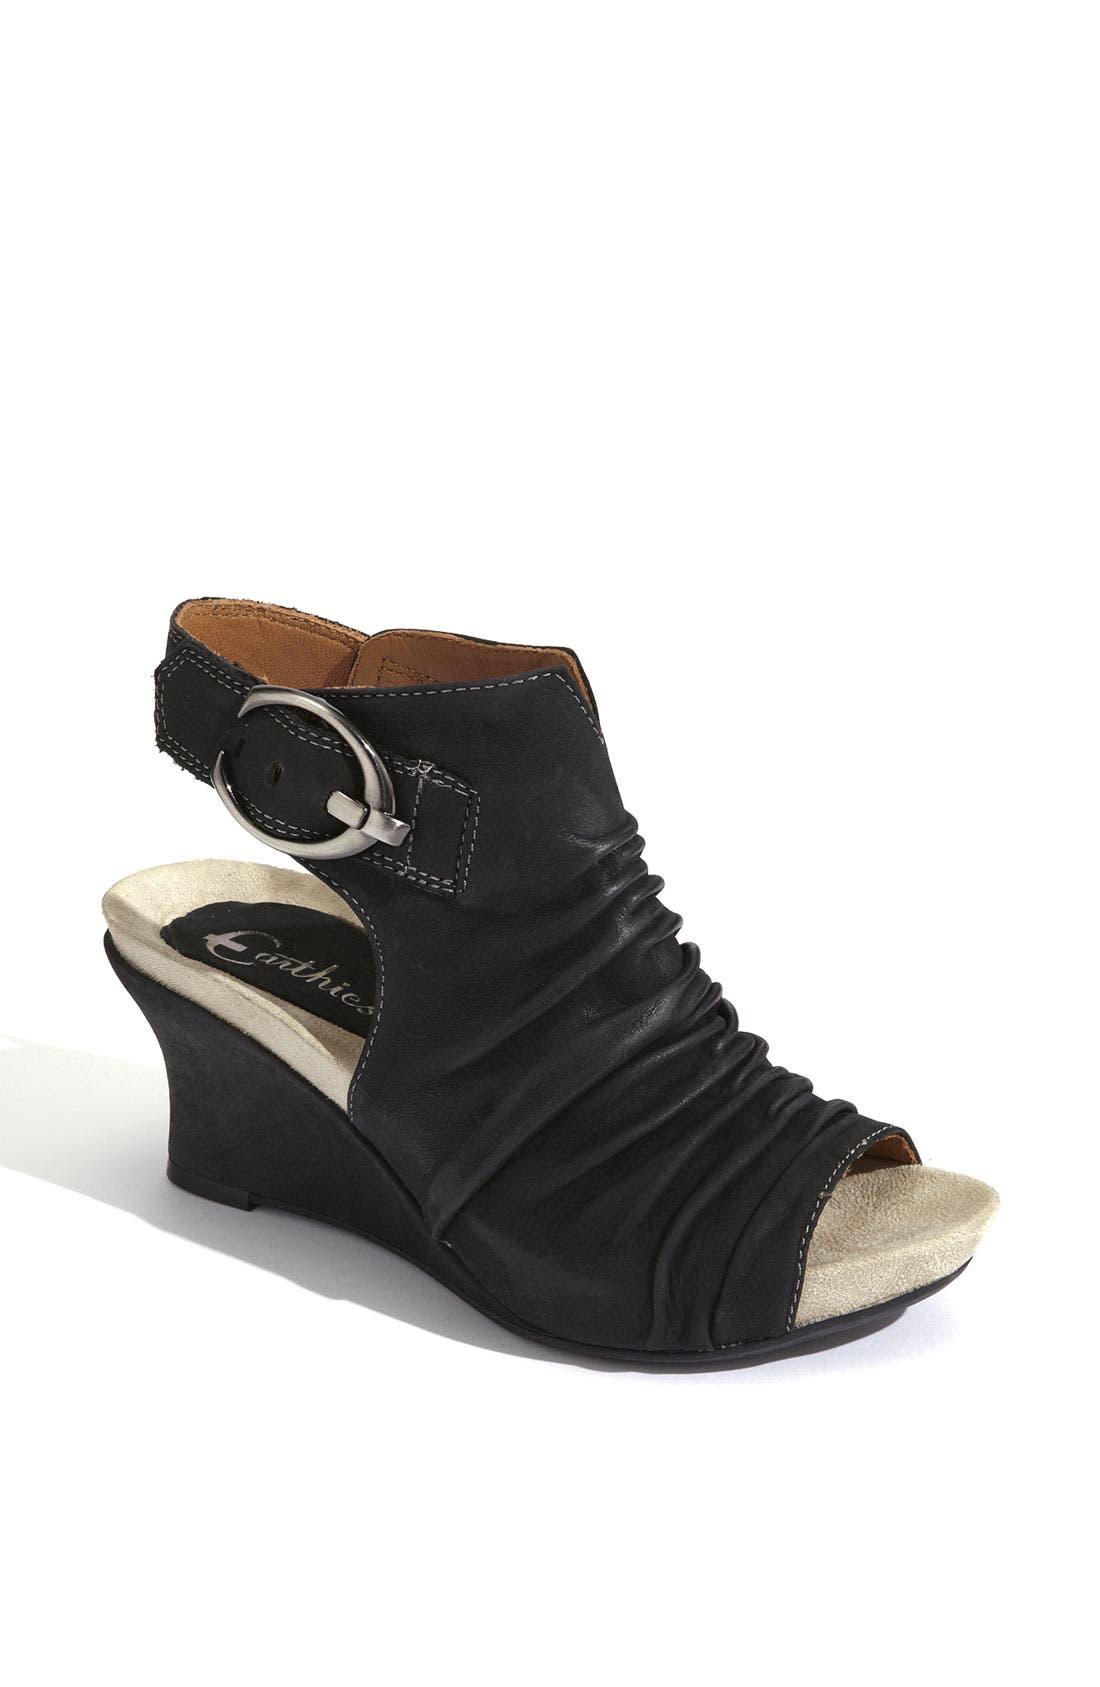 Main Image - Earthies® 'Bonaire Too' Wedge Sandal